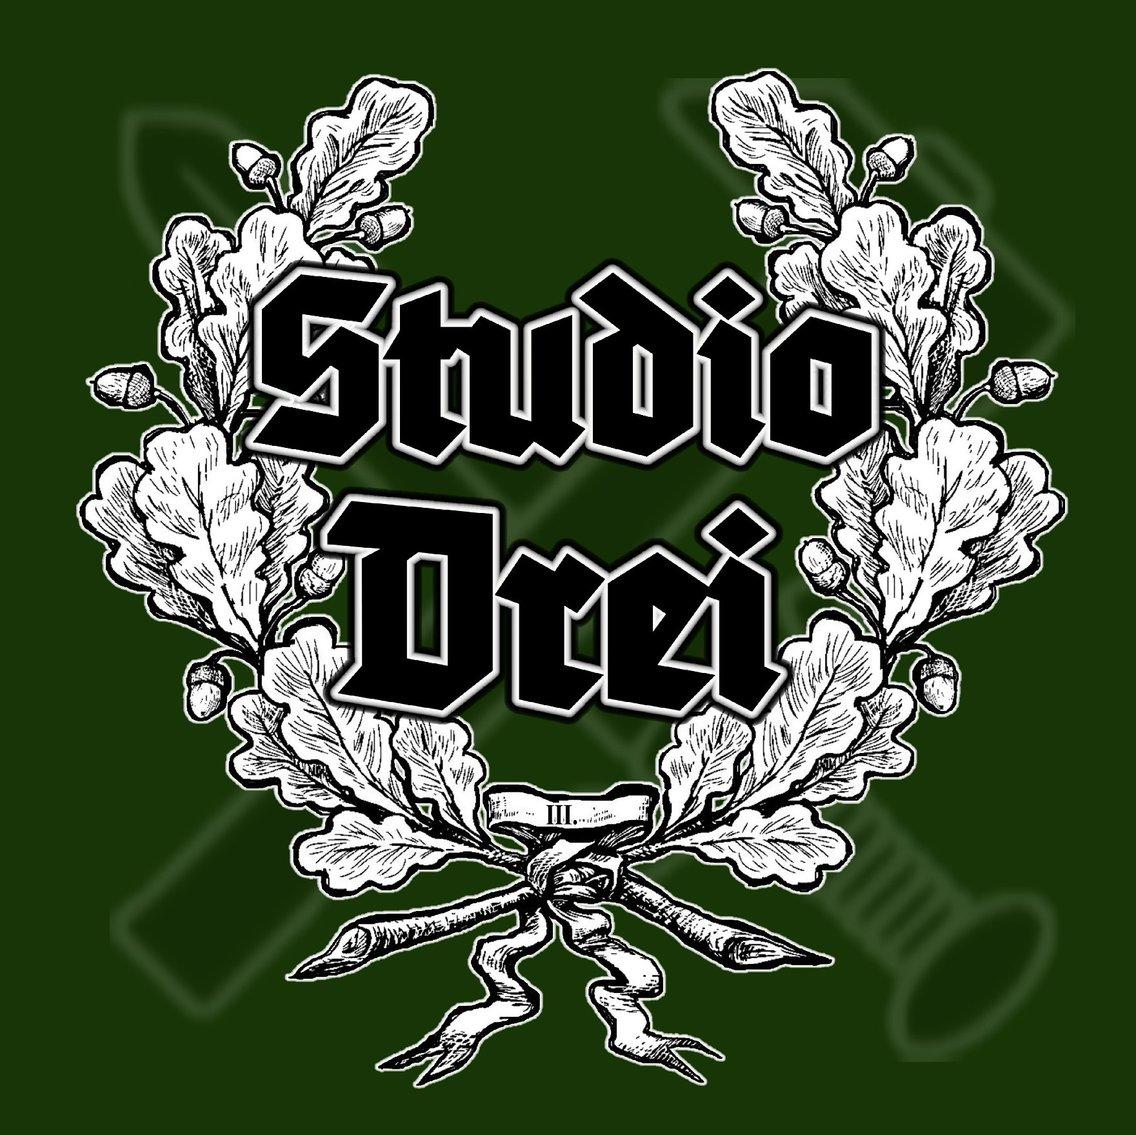 Studio Drei - immagine di copertina